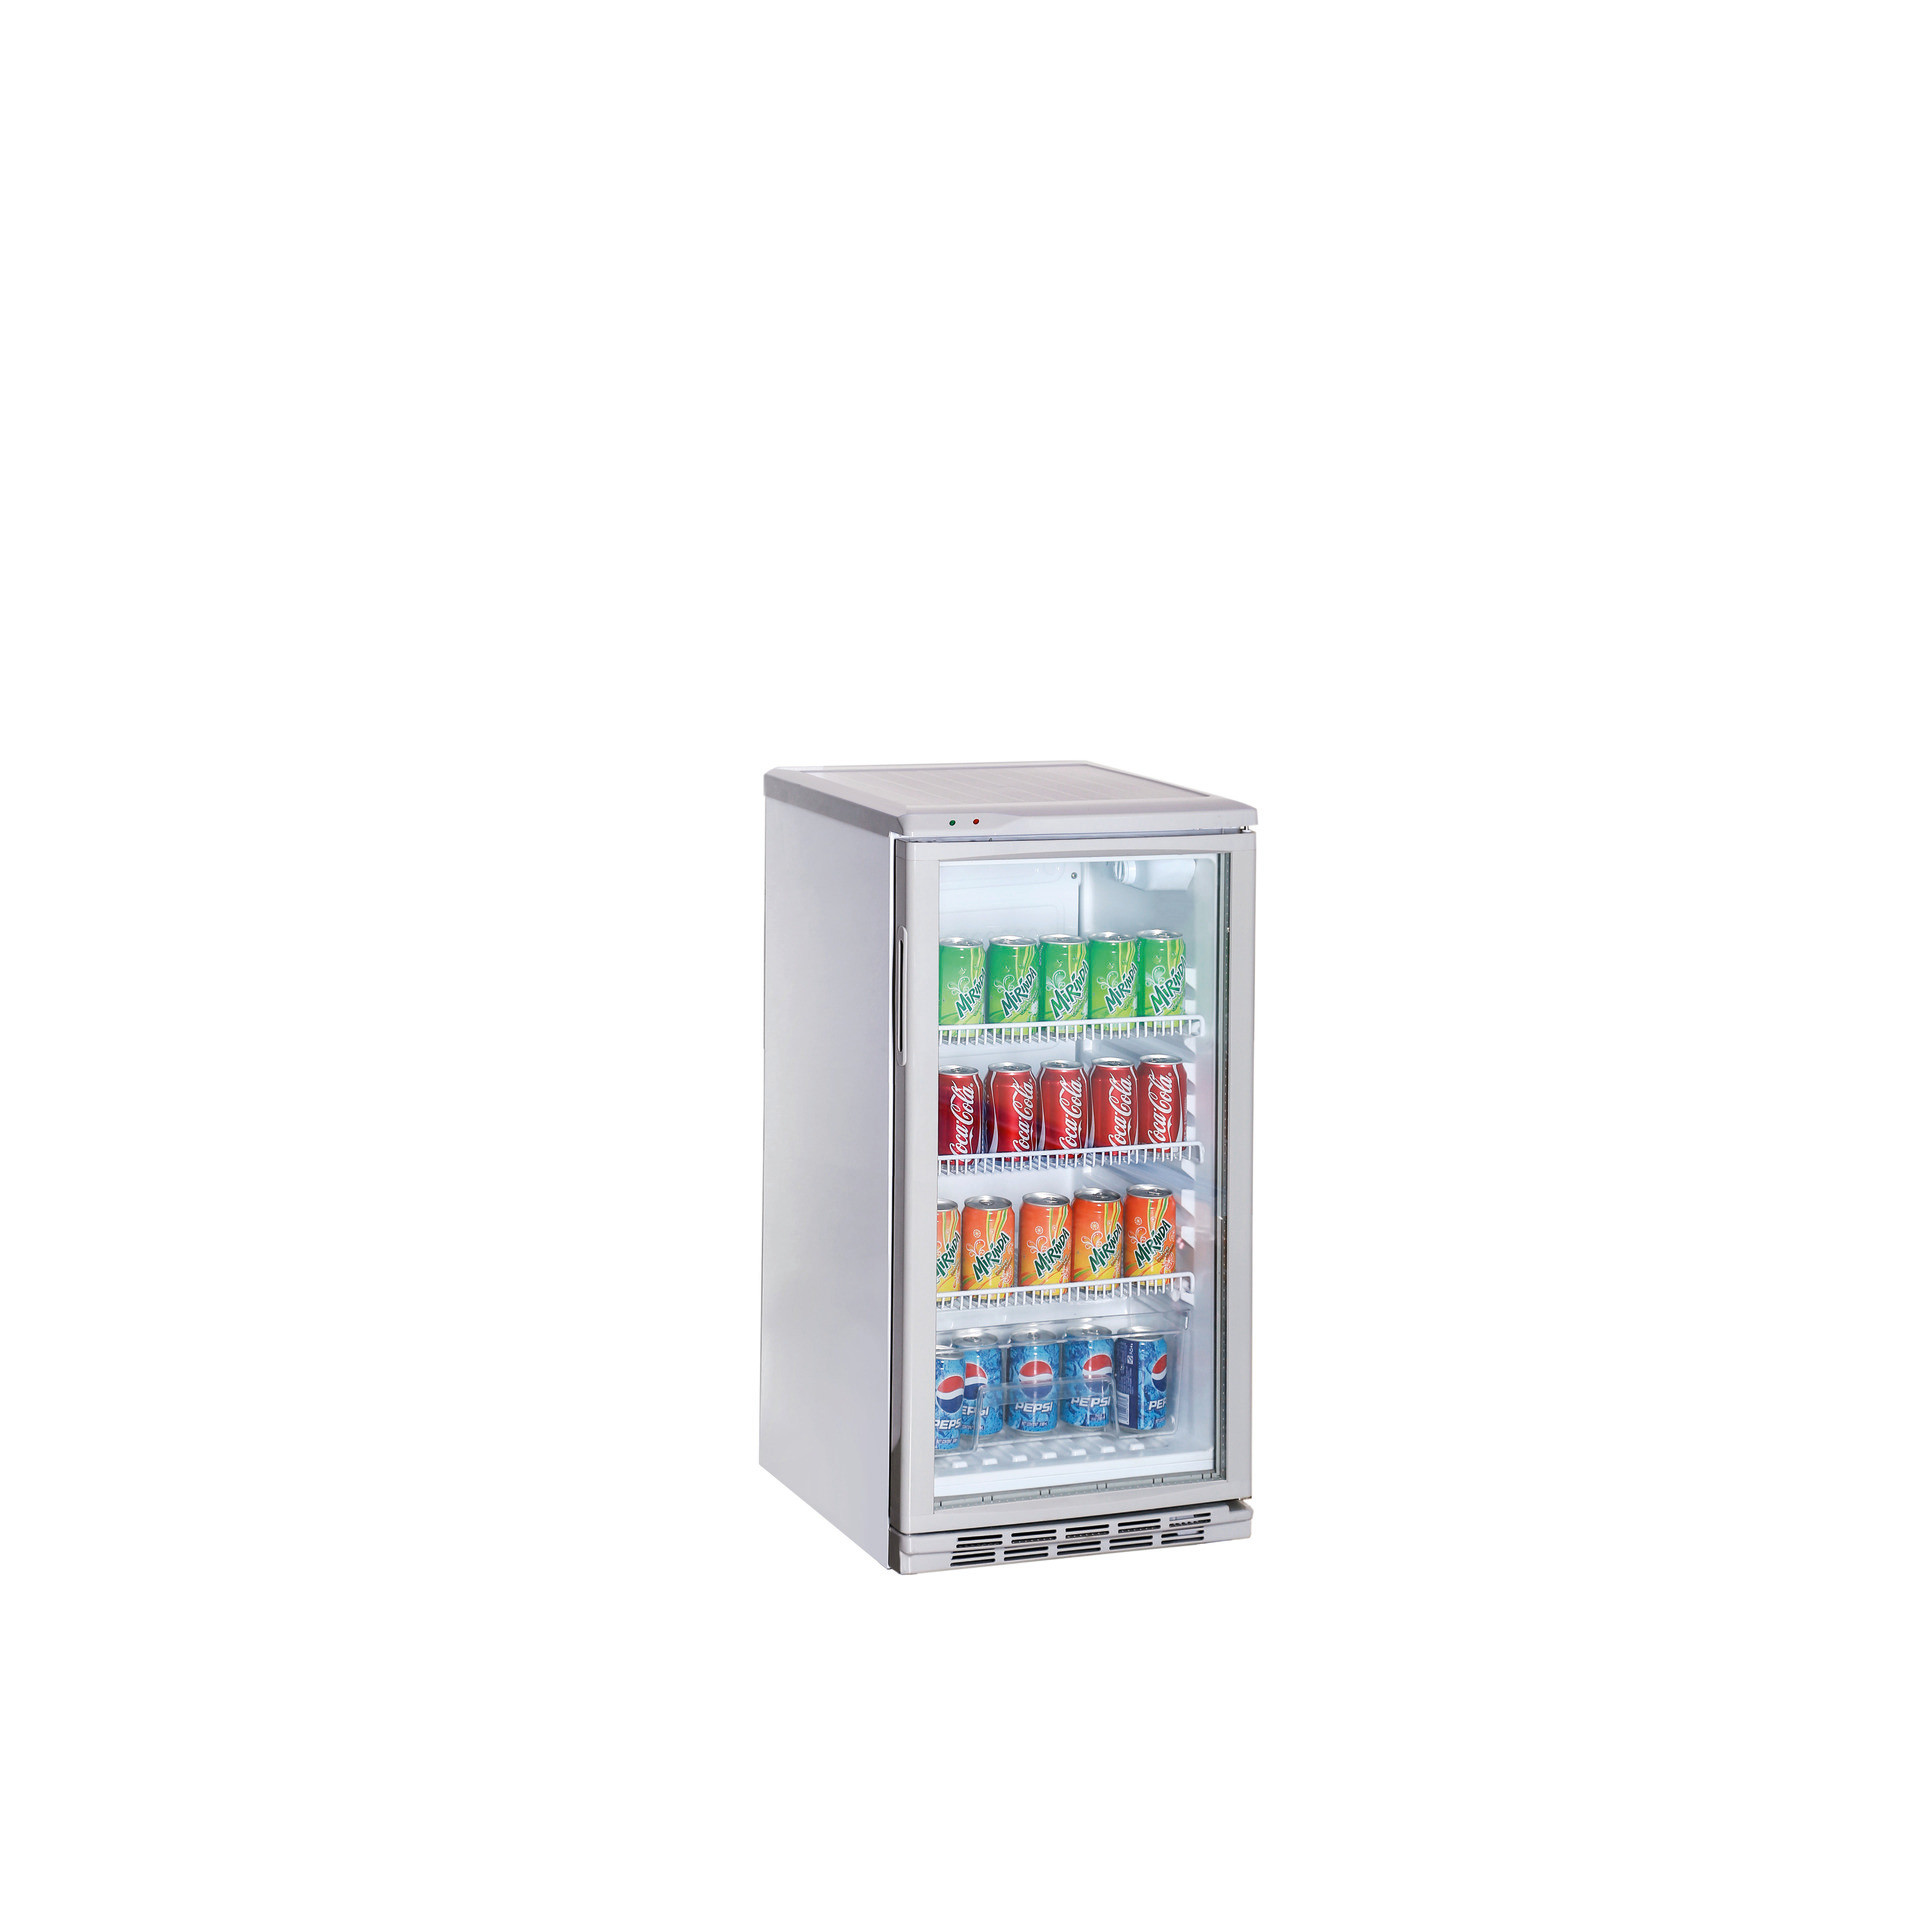 Flaschenkühlschrank weiß 60 l 475 x 517 x 746 mm - Getränke ...